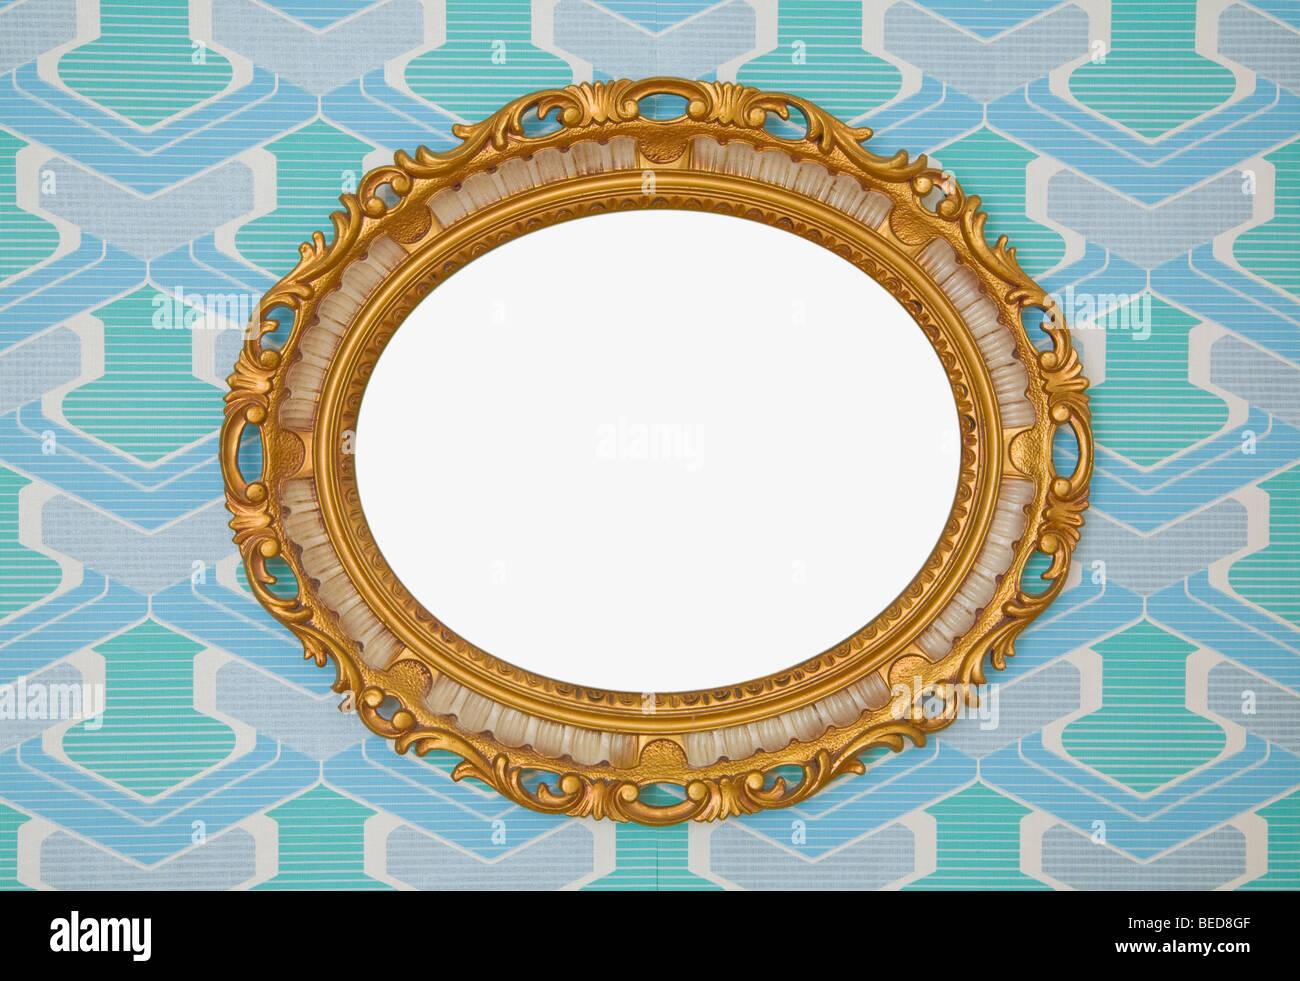 Kitschy golden plastica cornice ovale, orizzontale montato su carta da parati a partire dagli anni Sessanta o Settanta, Immagini Stock